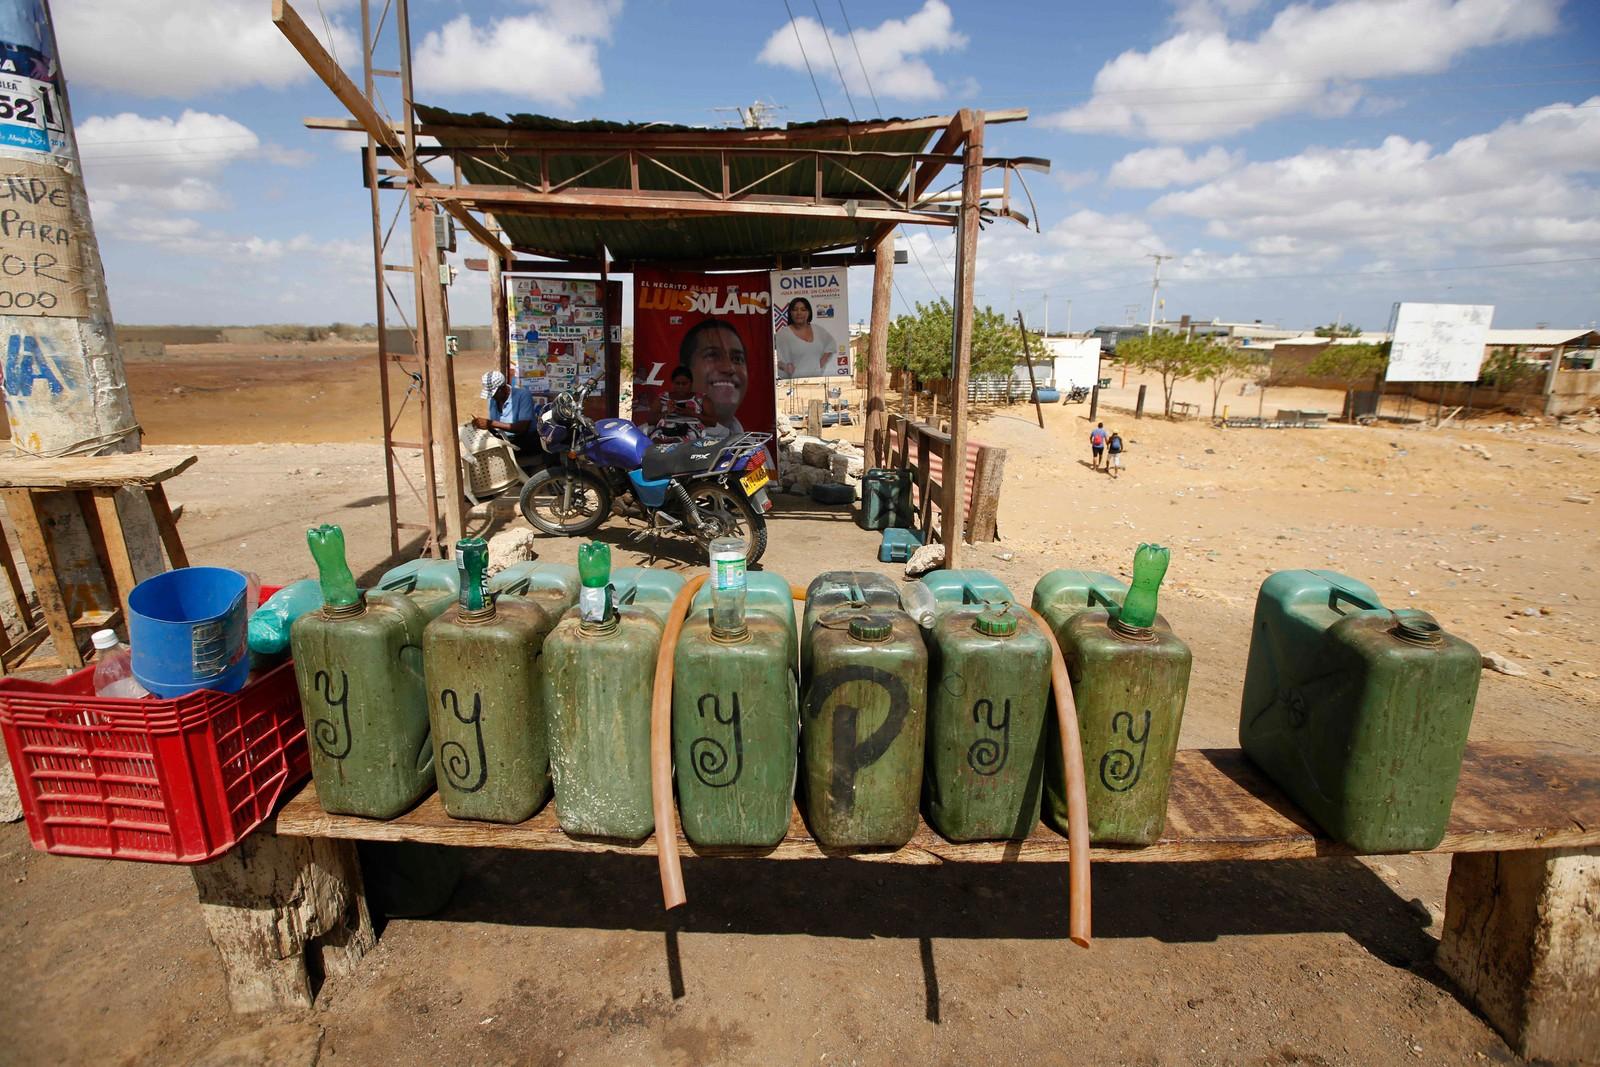 Victor Gonzalez selger bensin i Uribia, Colombia. Billig bensin fra Venezuela selges til dobbel pris nær grensa mellom de to landene.